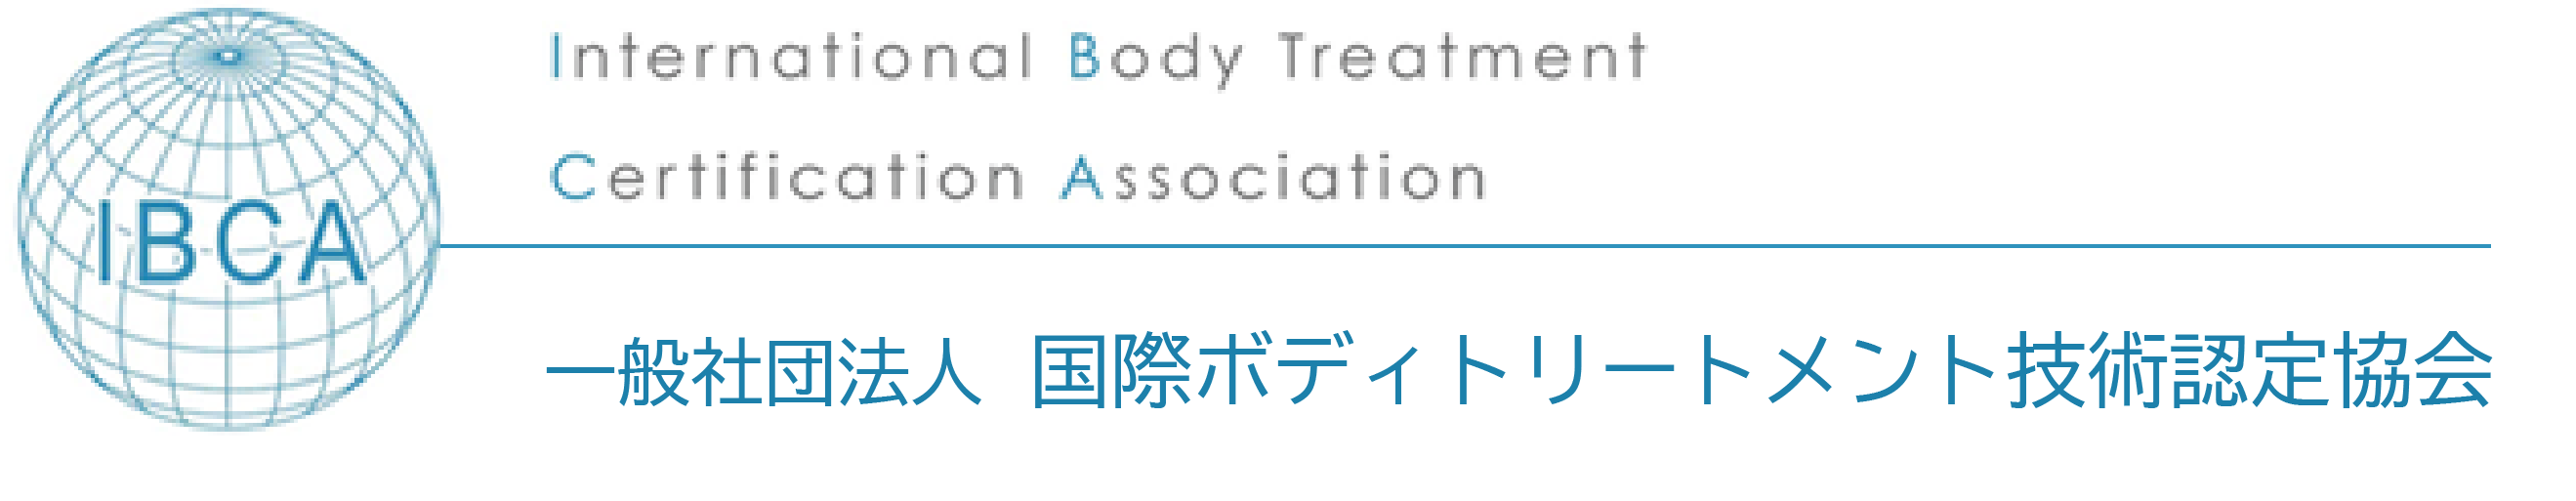 一般社団法人国際ボディトリートメント技術認定協会(IBCA)